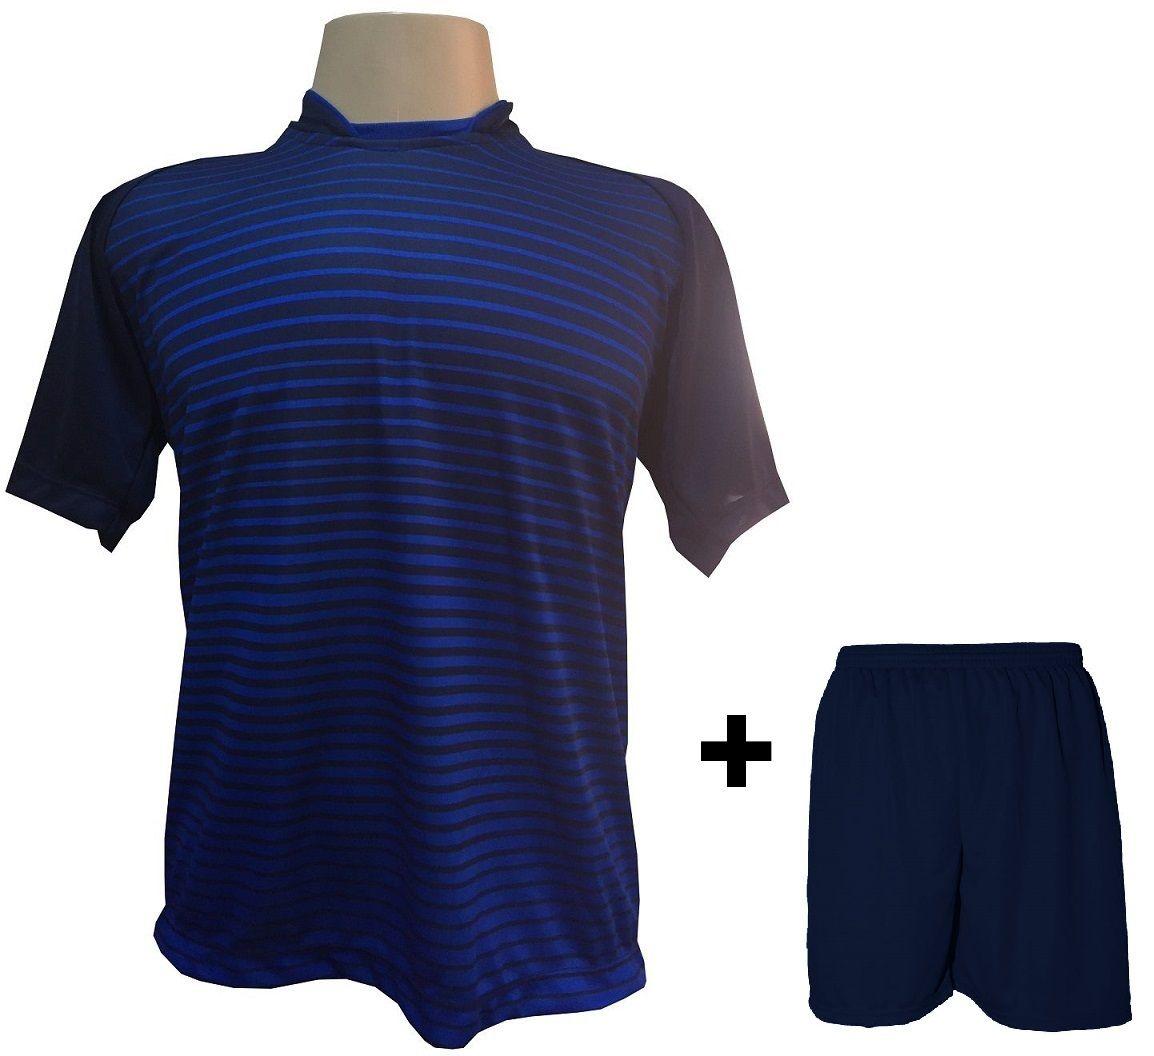 Uniforme Esportivo com 18 camisas modelo City Marinho/Royal + 18 calções modelo Madrid Marinho + Brindes